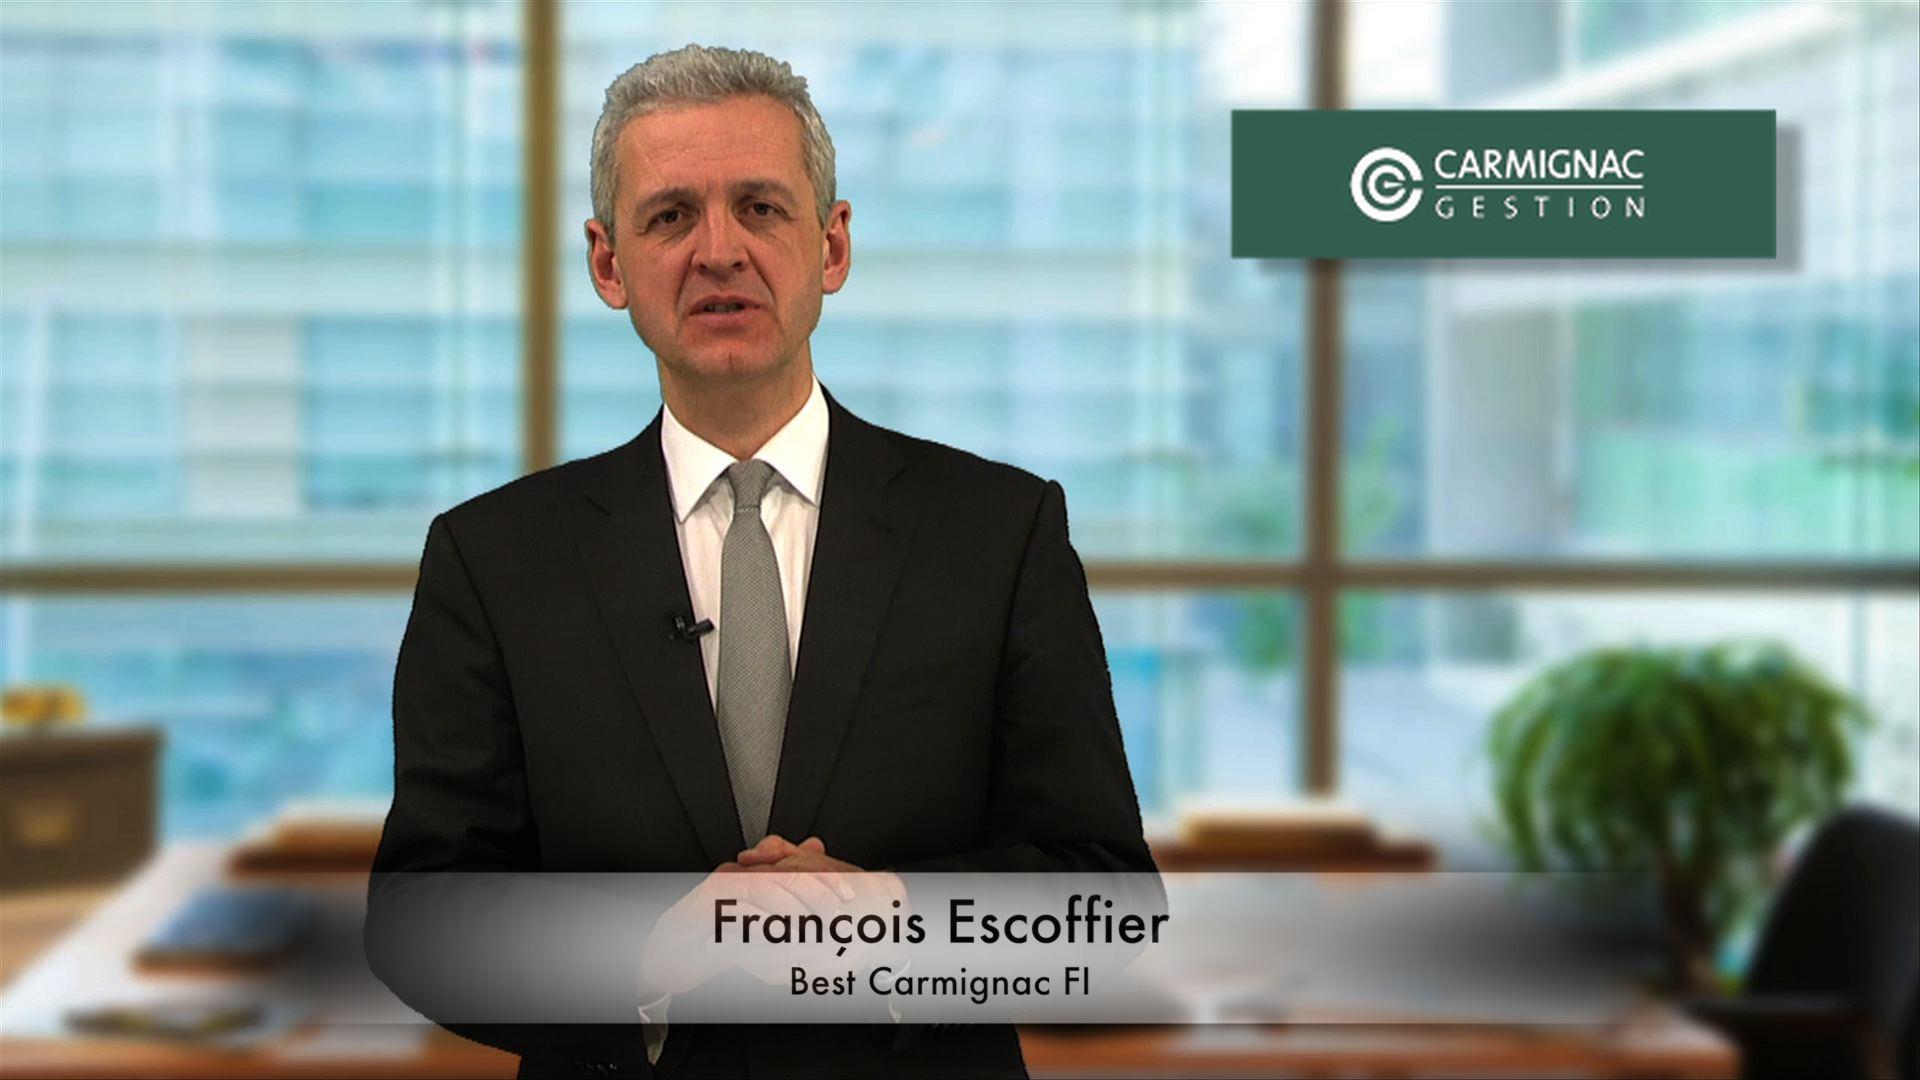 """François Escoffier (Carmignac): """"2013 ha sido un año de retos, con una buena gestión de la volatilidad"""""""